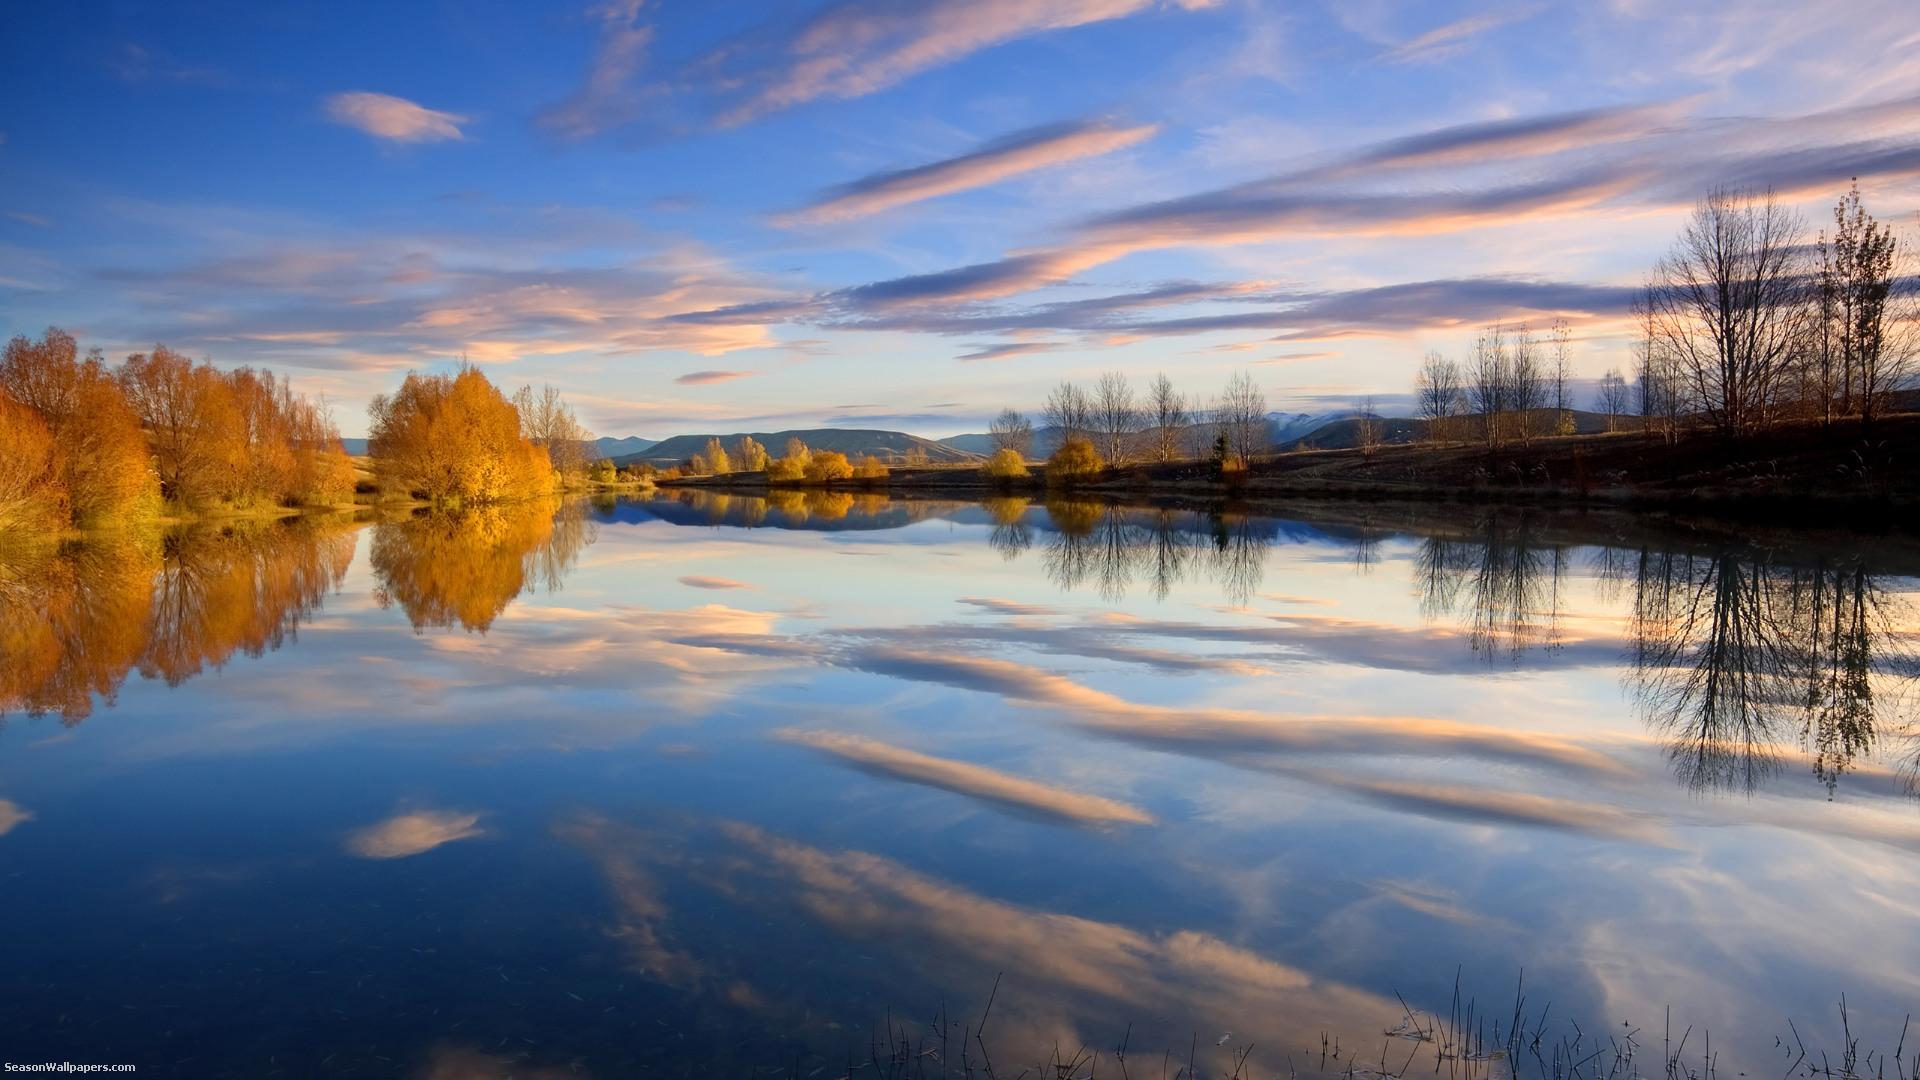 Lake Placid spiegelt den Himmel Wolken und Bume im Herbst gelb 1920x1080